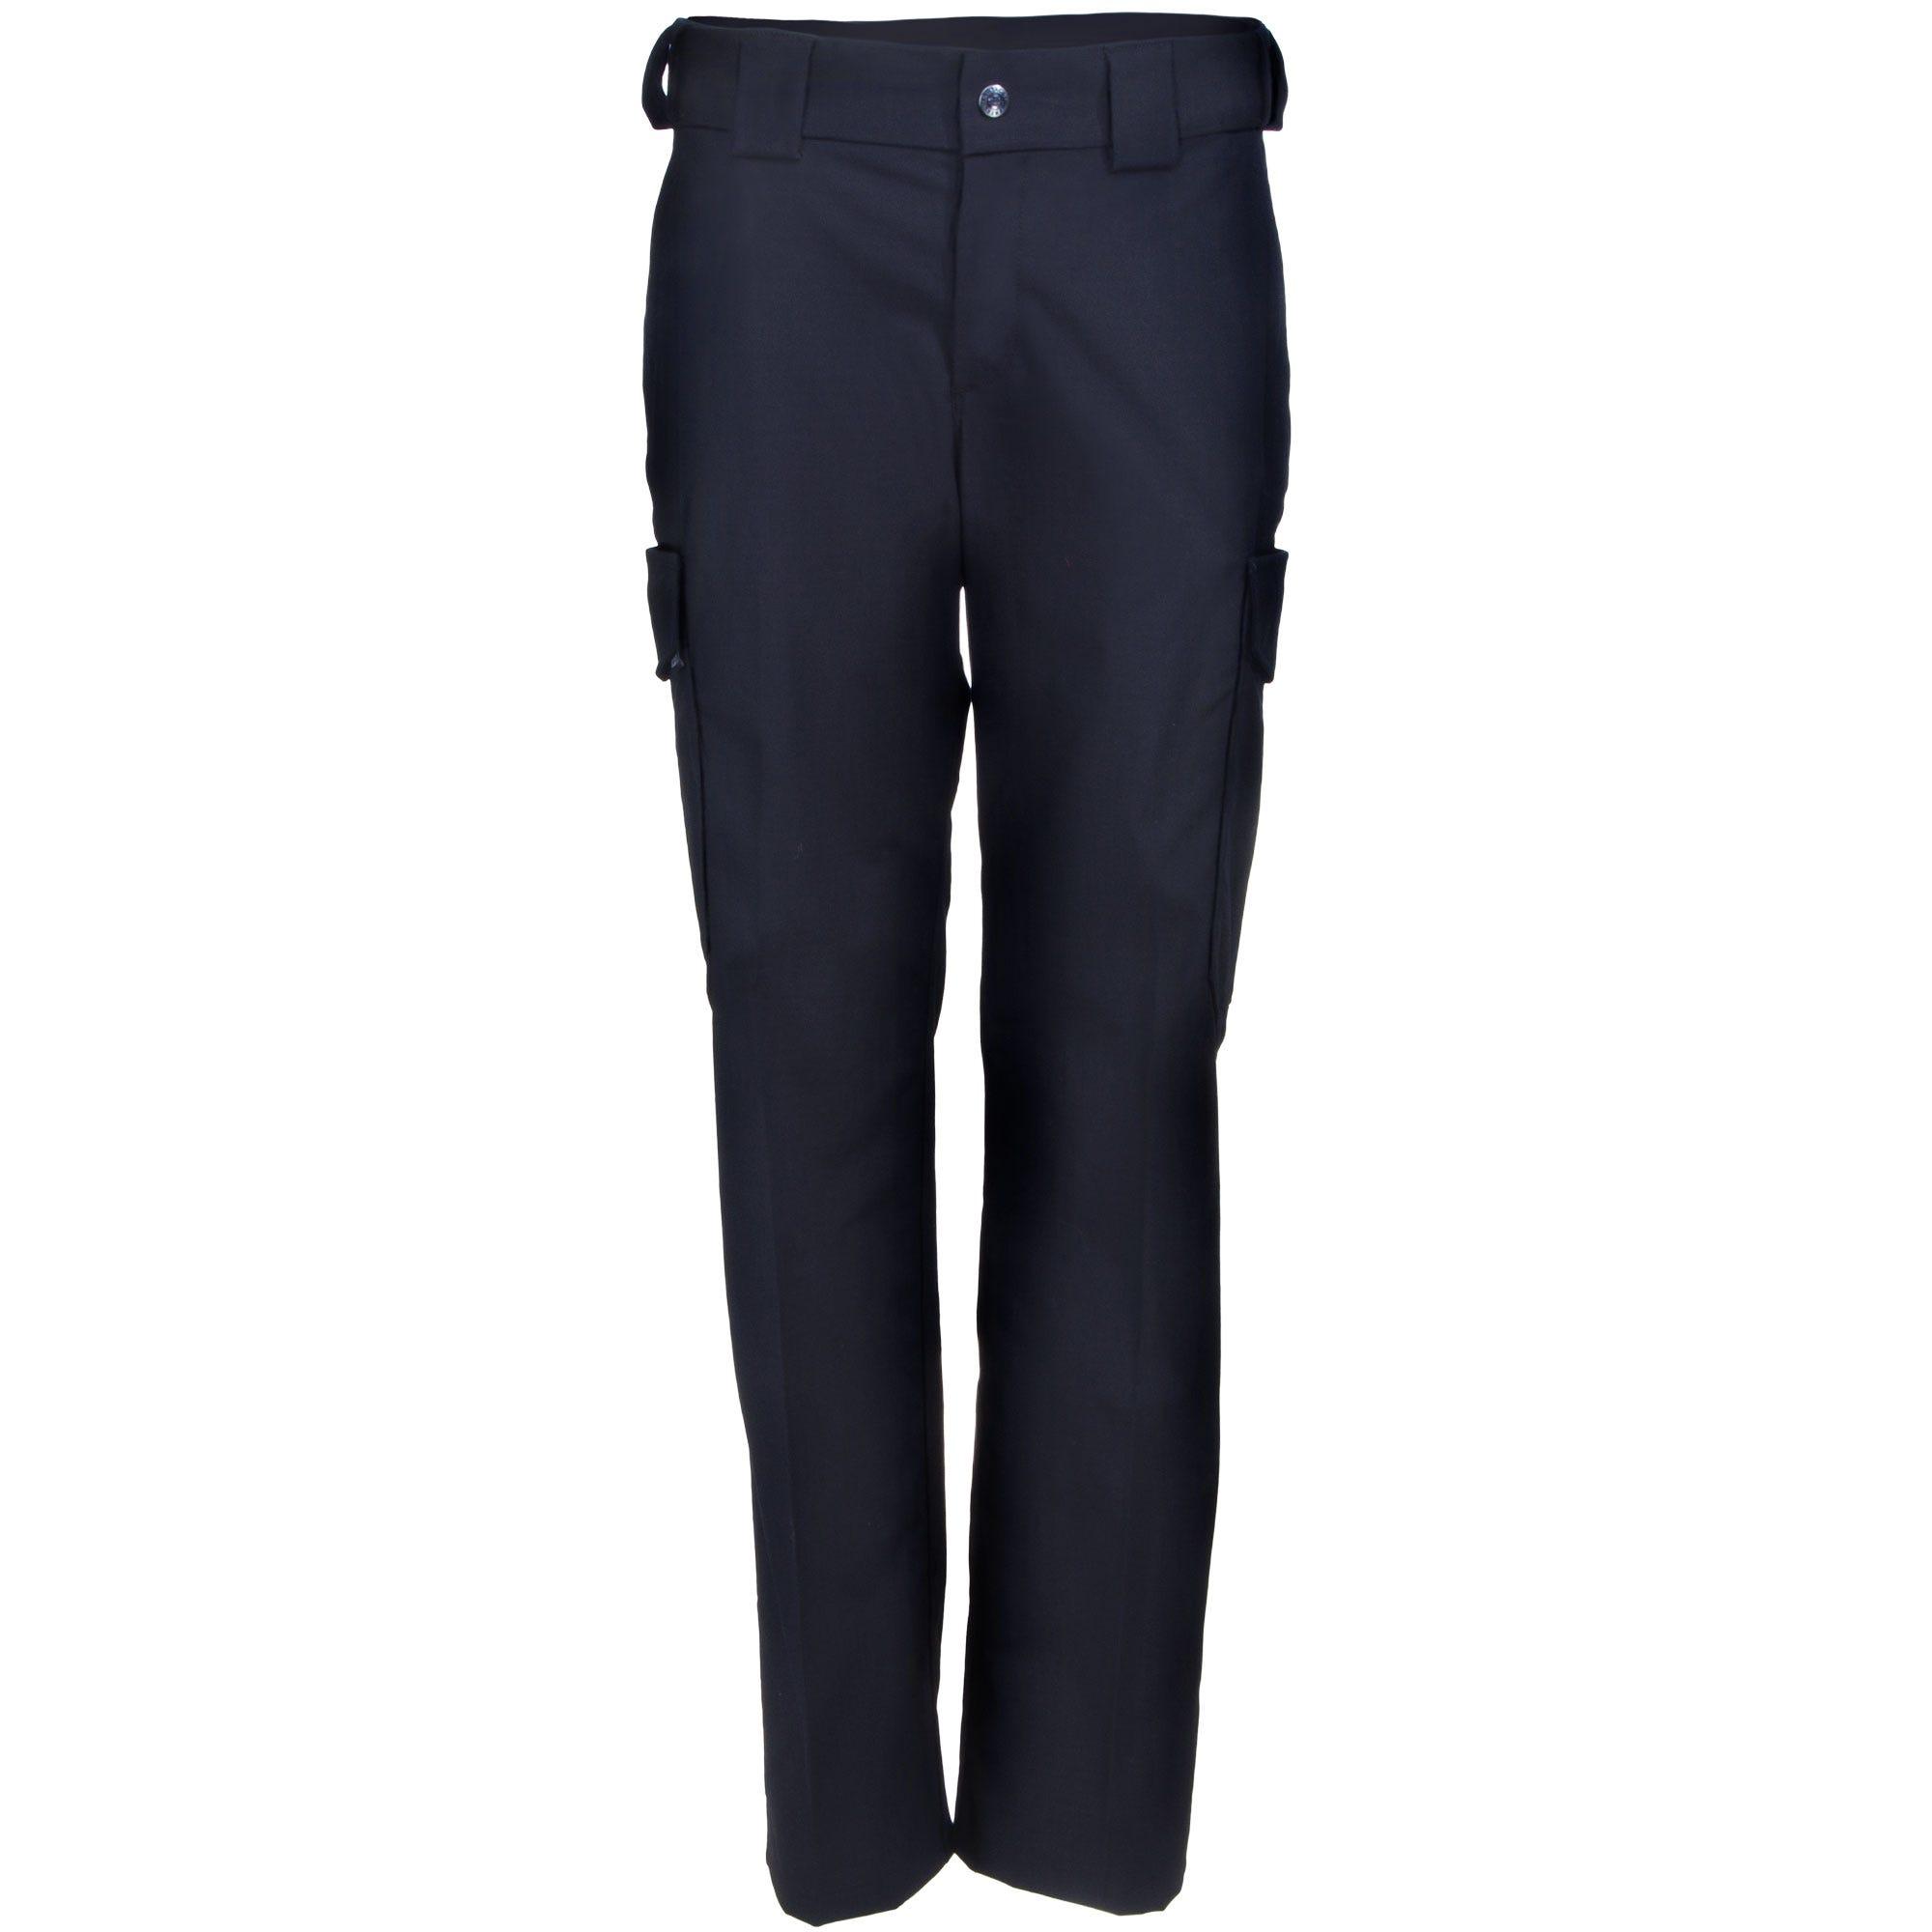 5.11 Tactical Women's 64402 750 Midnight Navy Cargo Pants